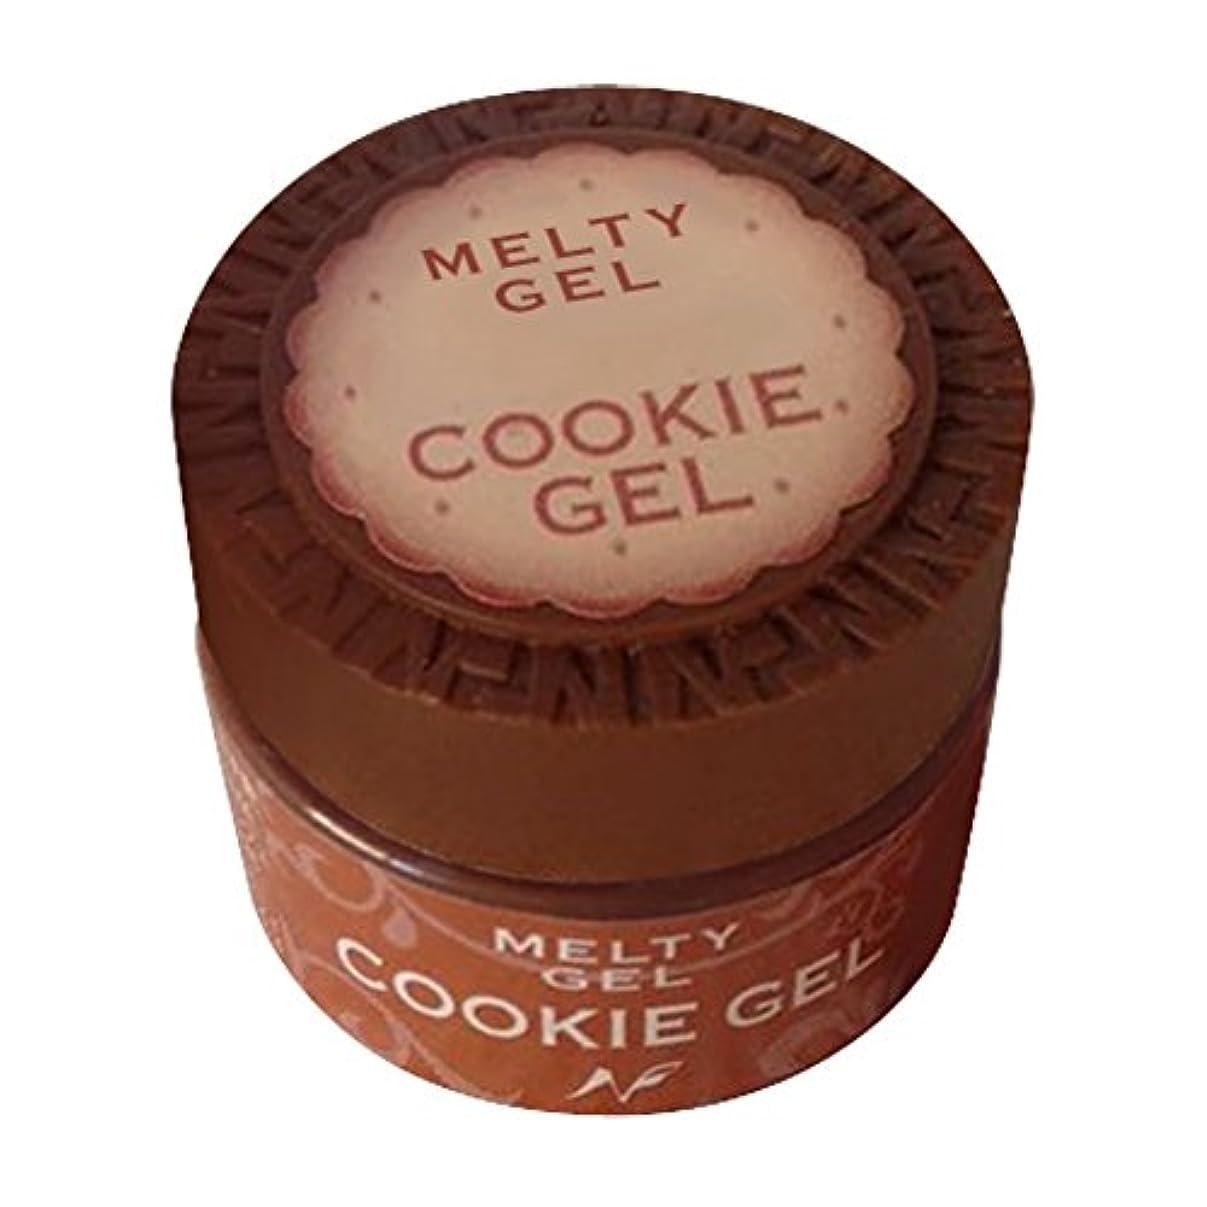 お嬢感謝怒ってNatural Field Melty Gel クッキージェル 3903サンセットレッド 5g